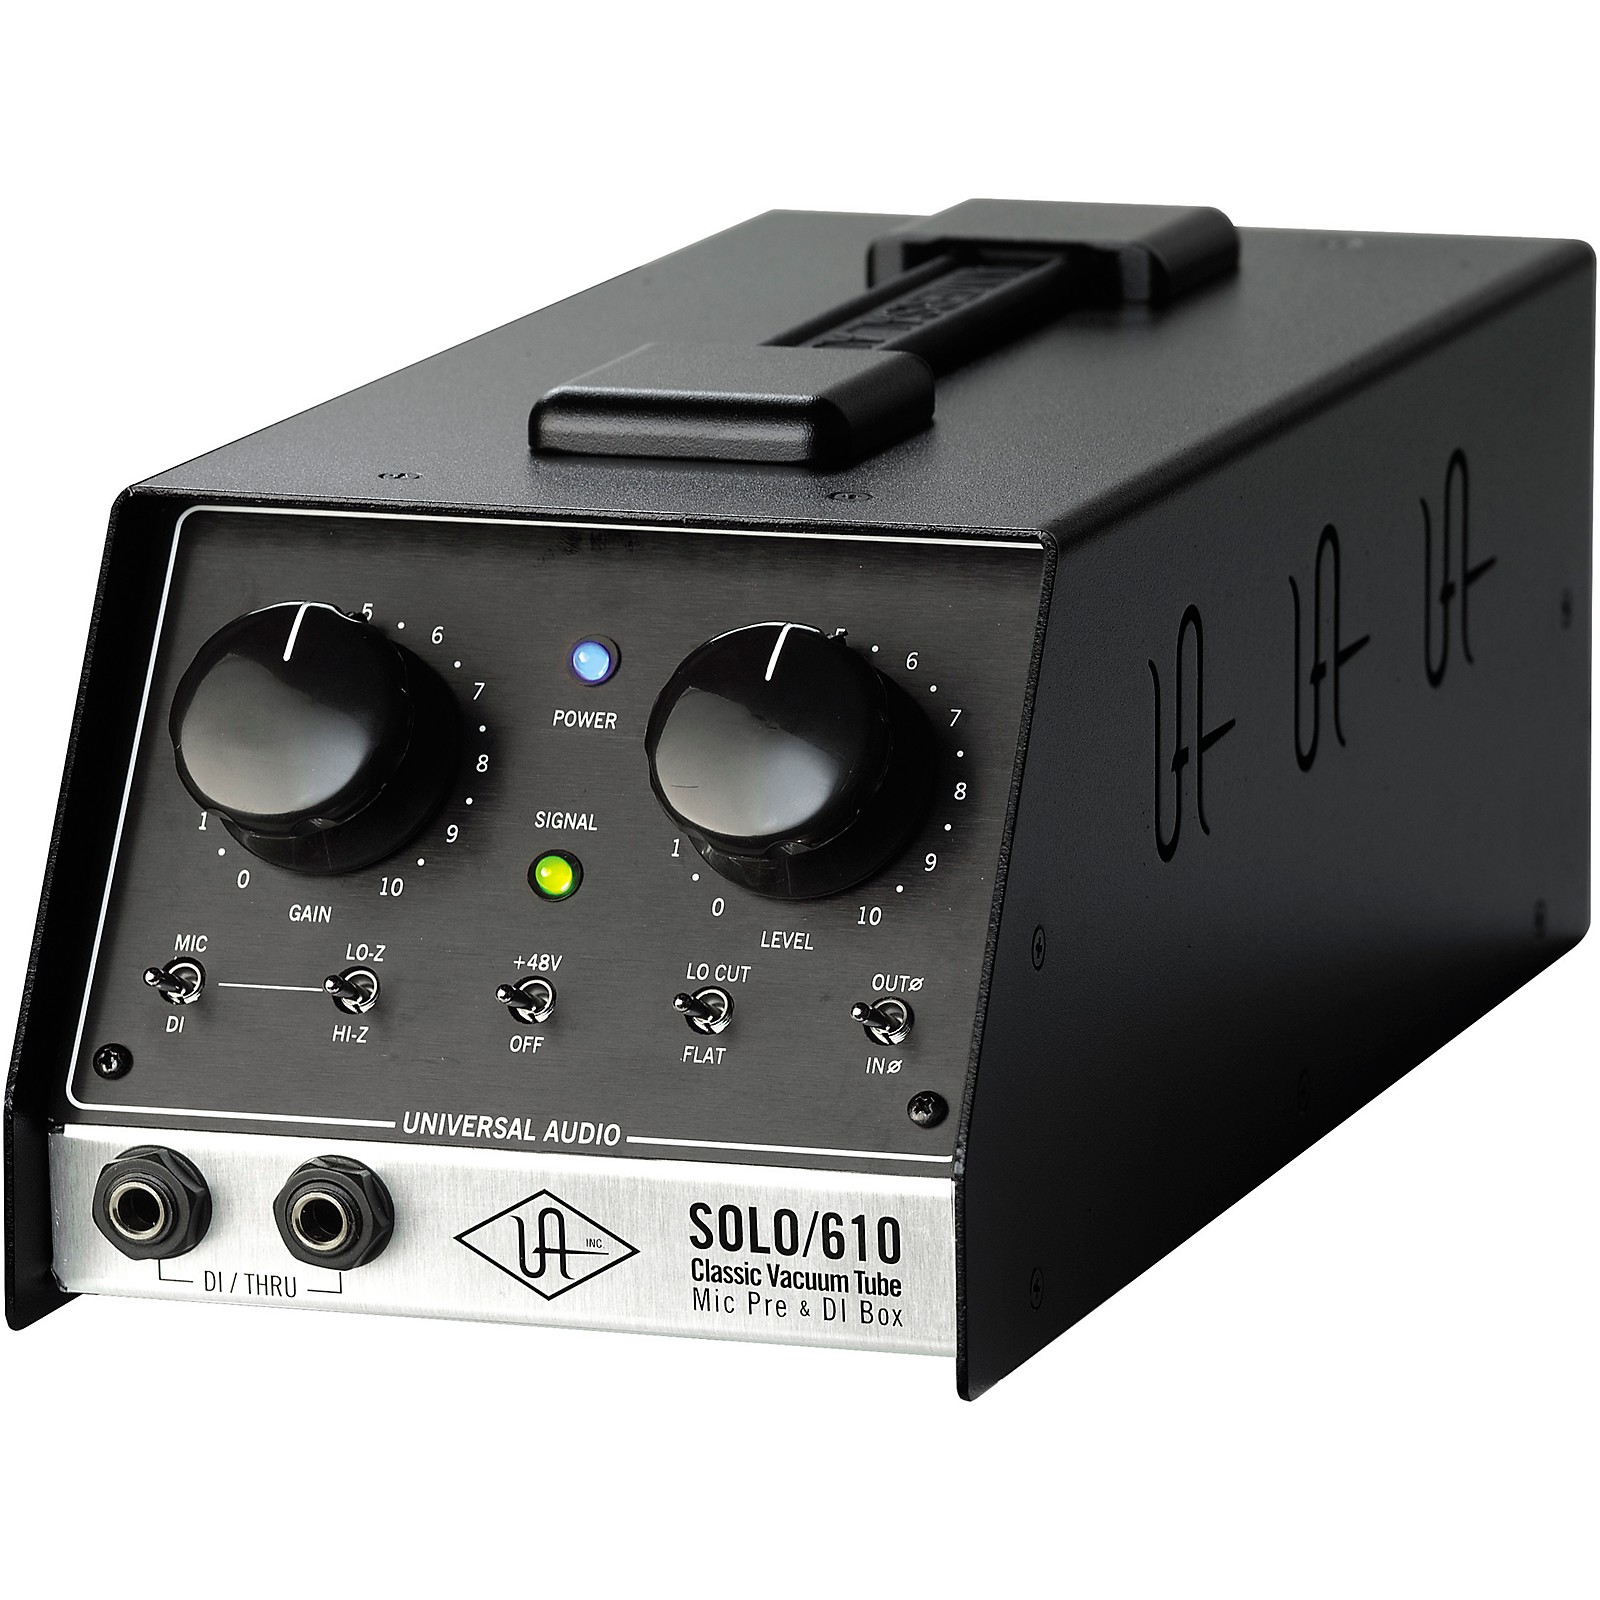 Open Box Universal Audio UA-S610 SOLO/610 Classic Vacuum Tube Microphone Preamp and DI Box